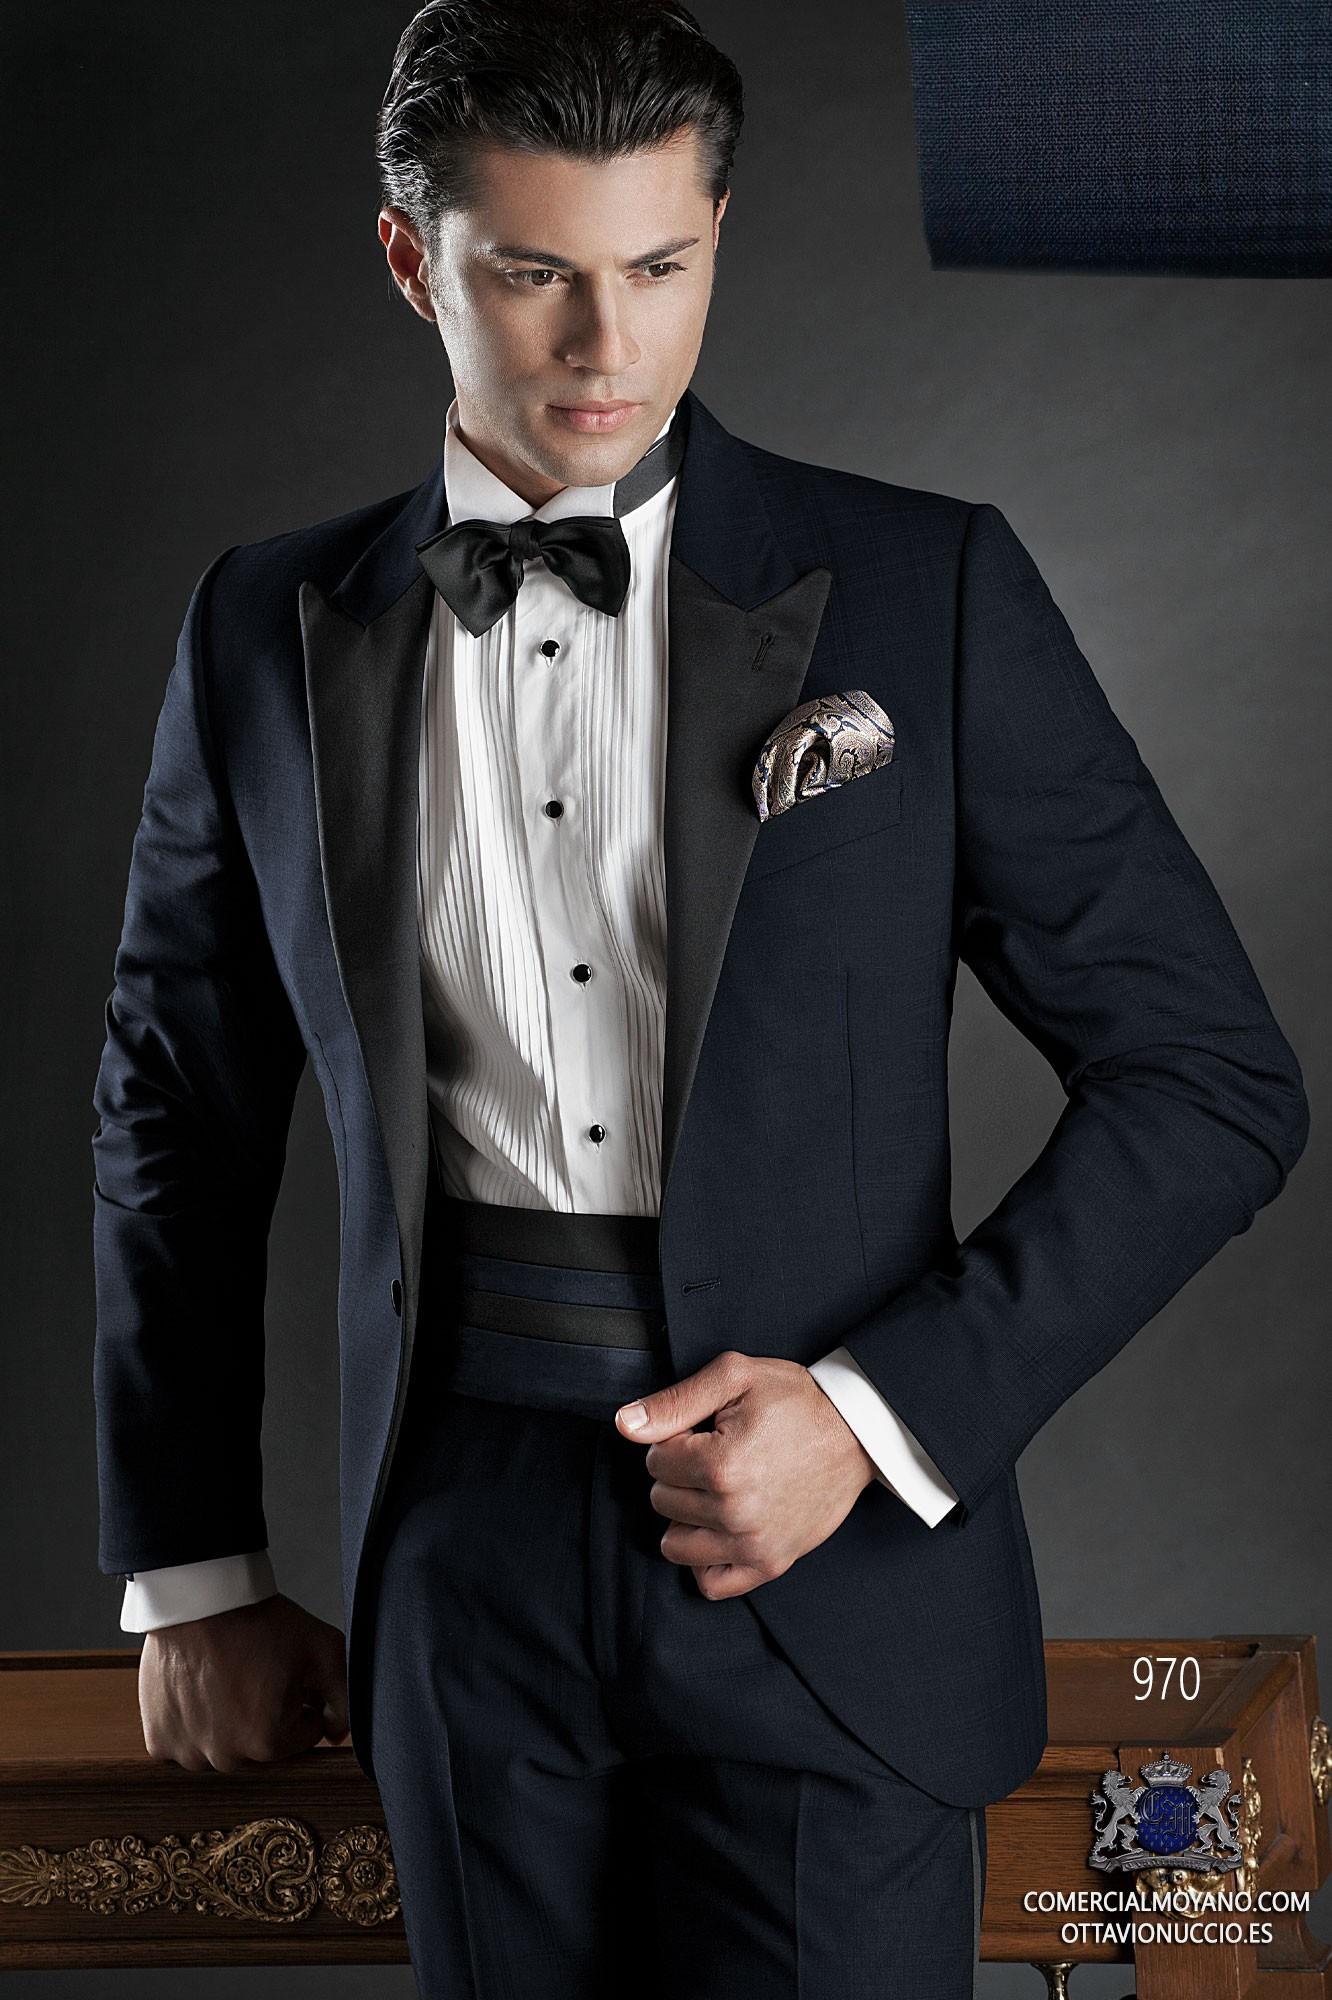 Traje de fiesta hombre azul modelo: 970 Ottavio Nuccio Gala colección Black Tie